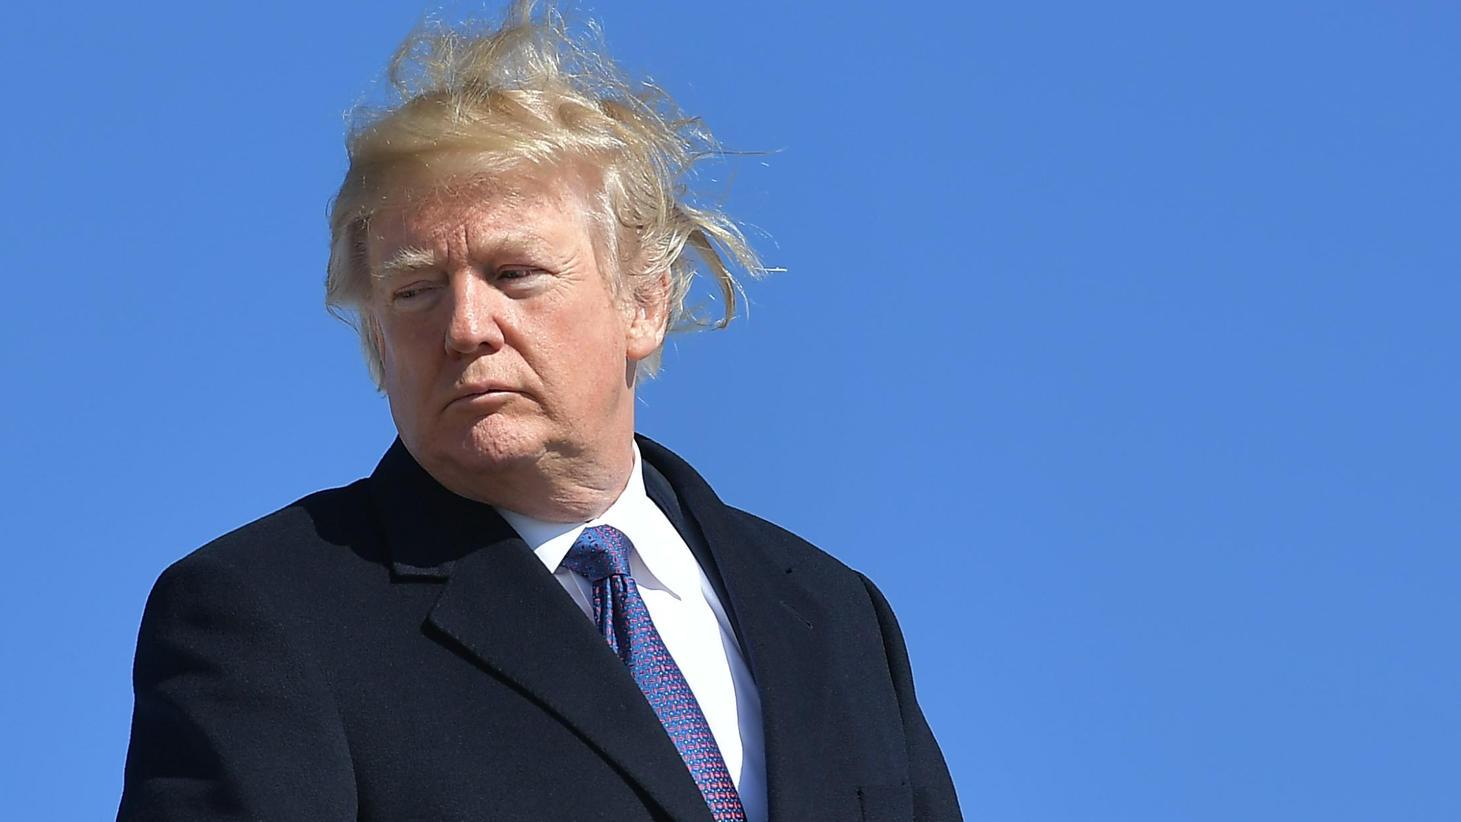 Donald Trump Die Wahrheit Uber Seine Haarpracht Ist Enthullt